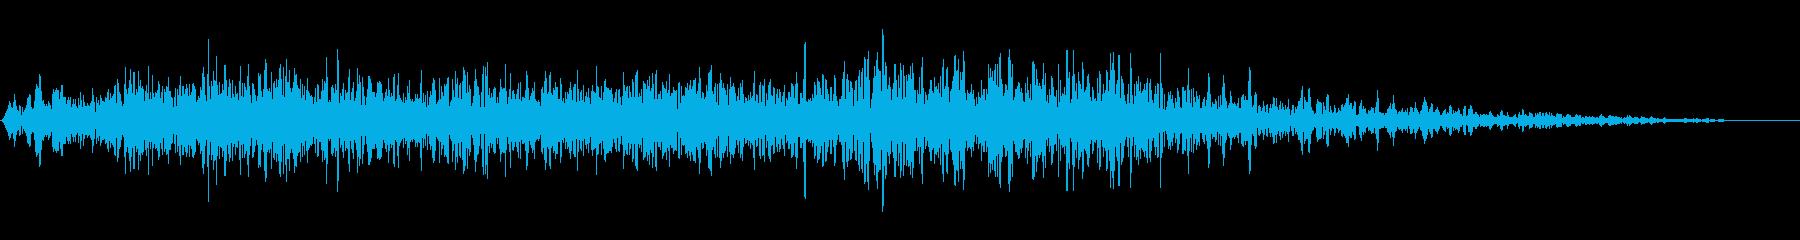 【 シェルター 】プシューバタン(重め)の再生済みの波形